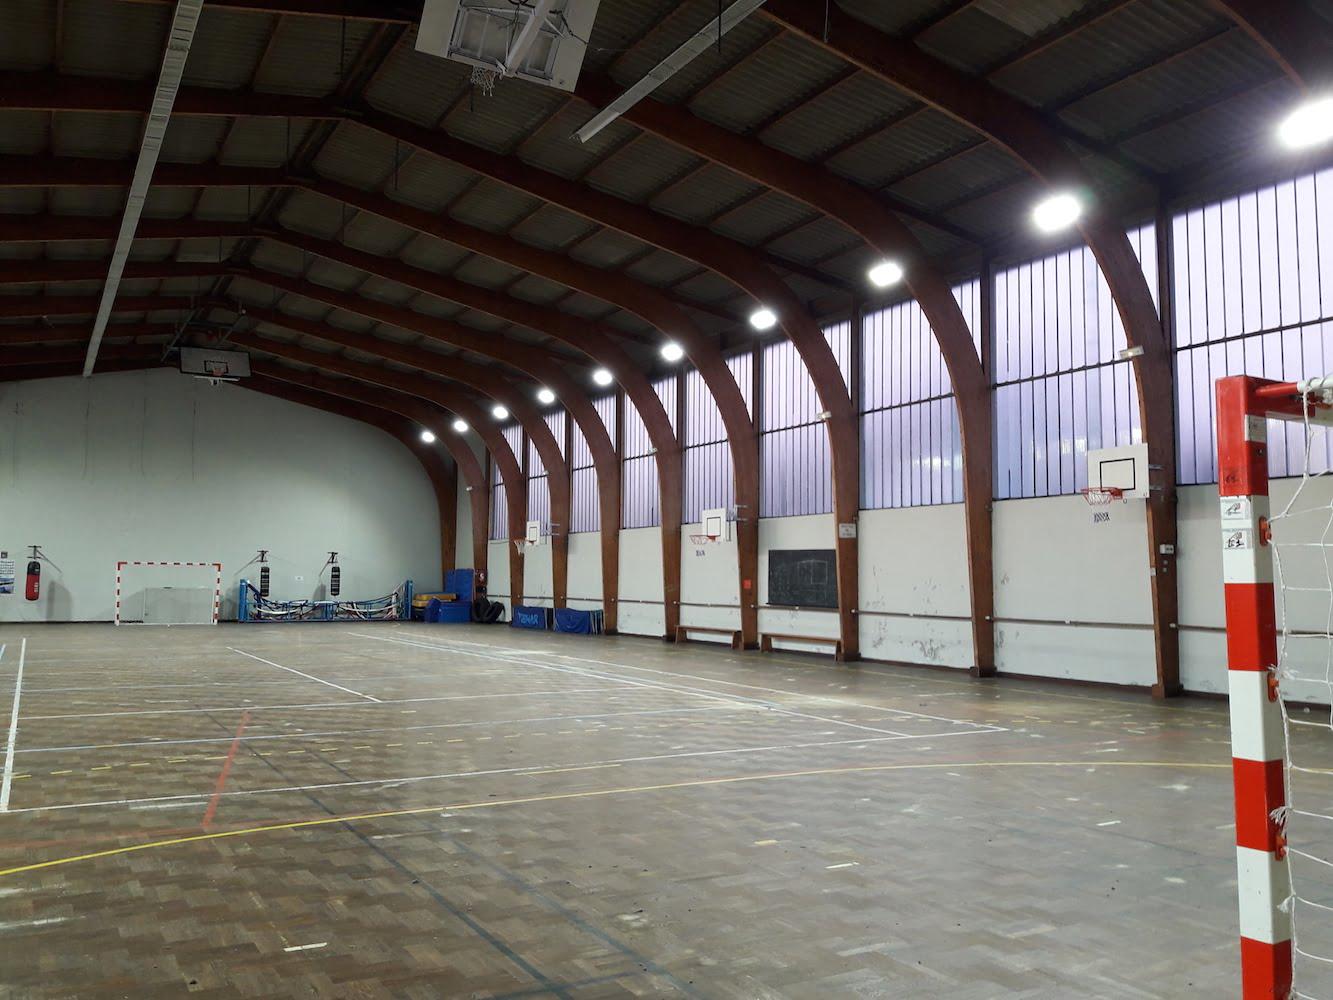 Salle Omnisport - Perros Guirec (22)